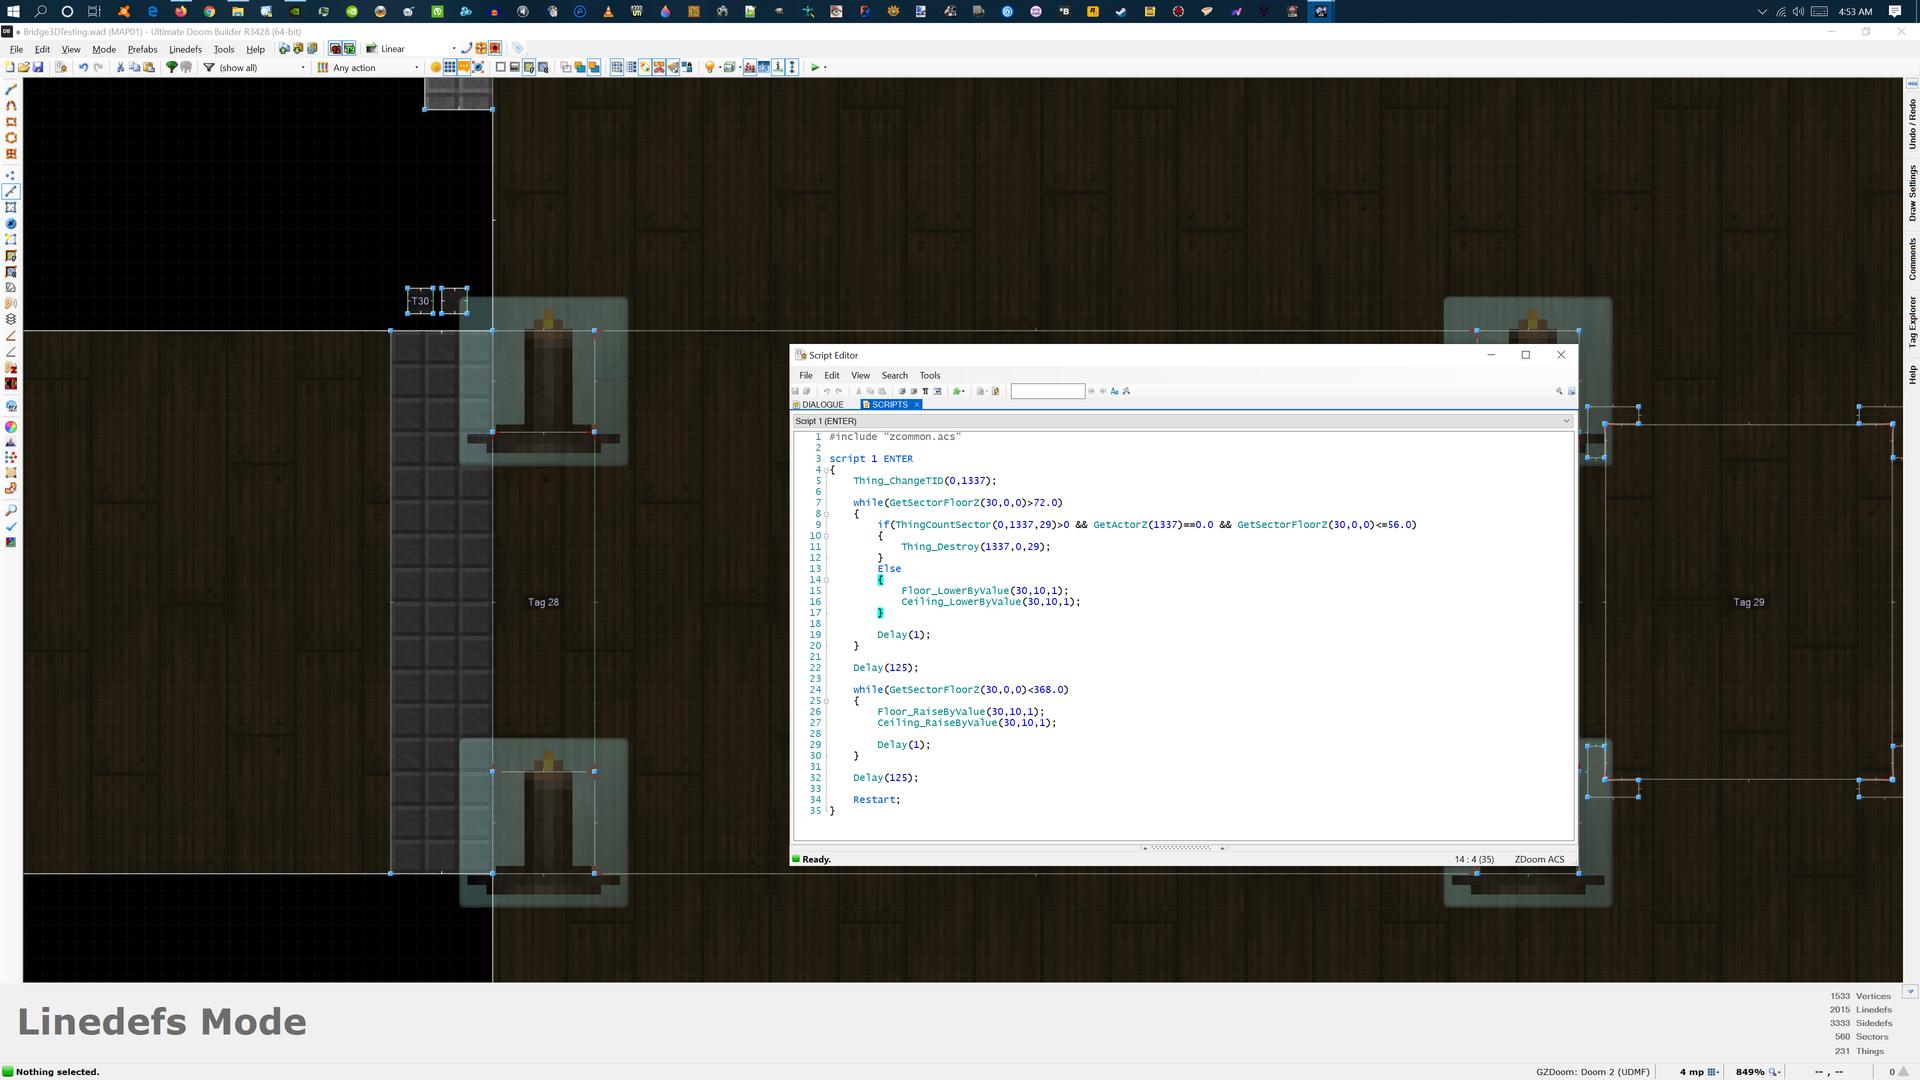 586637411_DesktopScreenshot2020_04.18-04_53_15_26.png.c0c3bda98560bb1f4d61b462dc1ff6e6.png